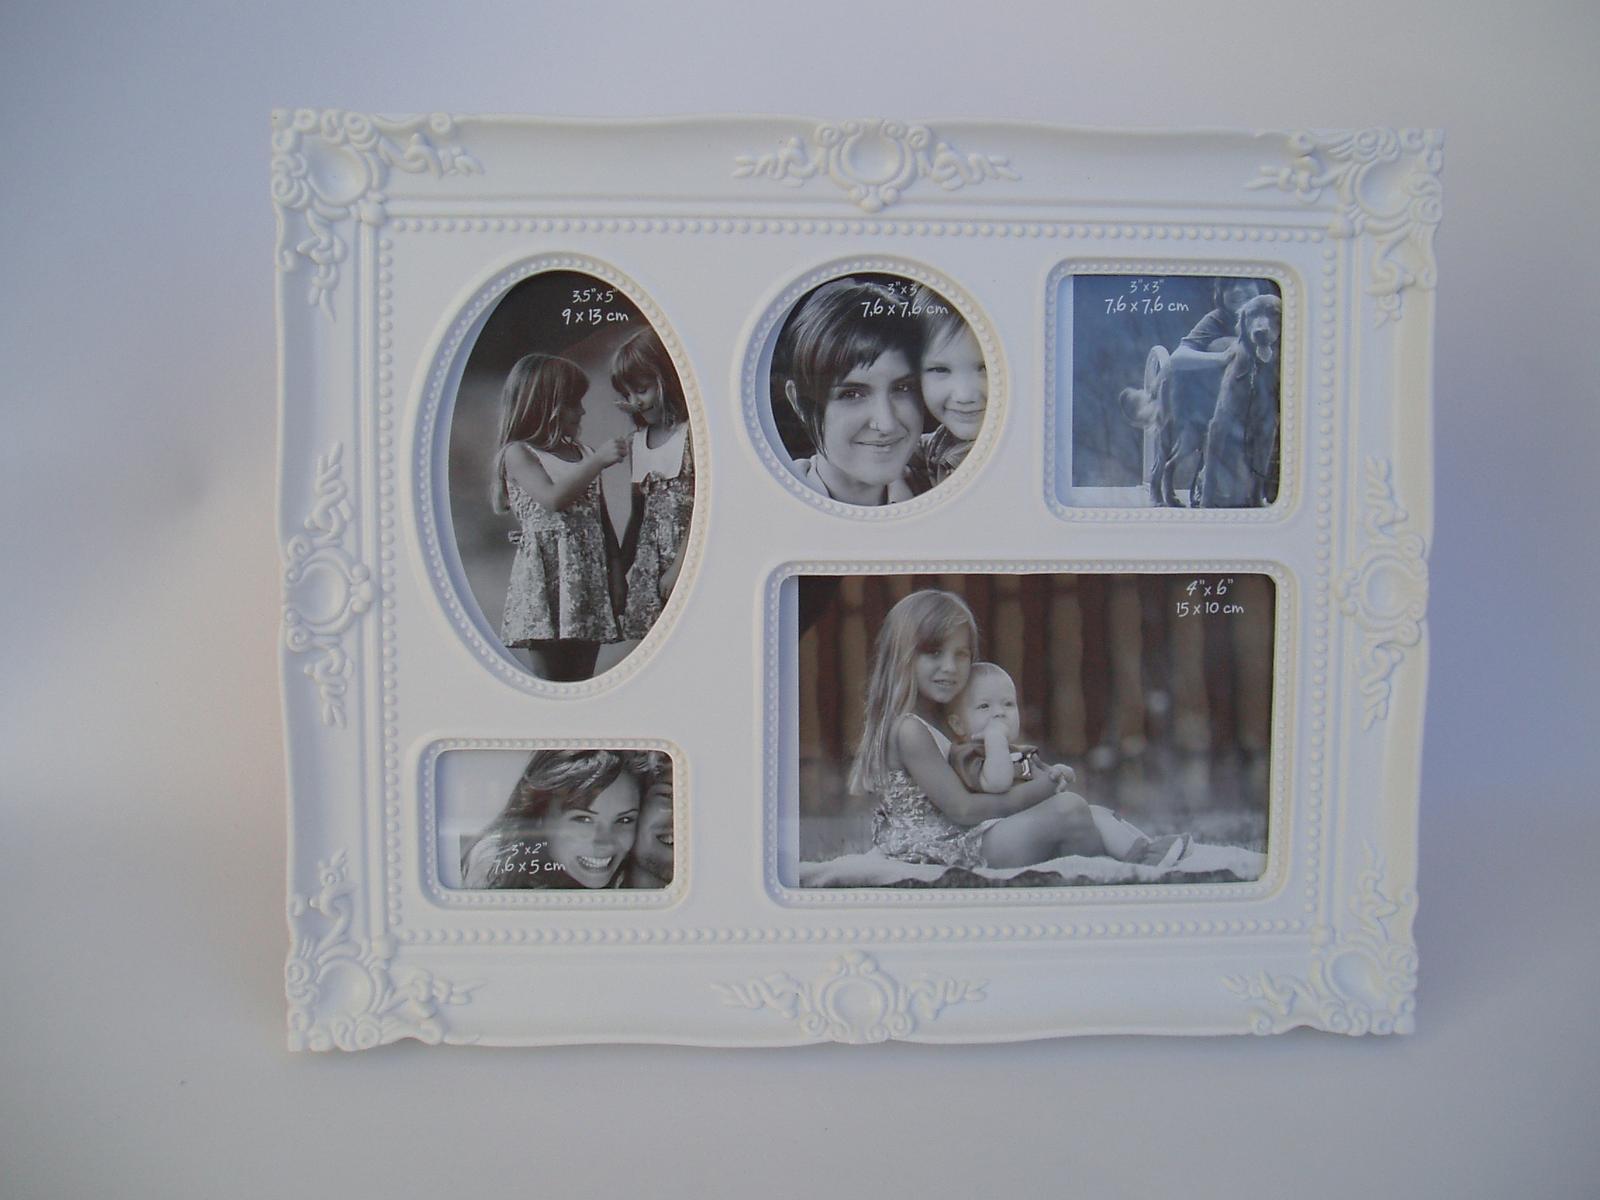 zdobený foto rámeček - Obrázek č. 1